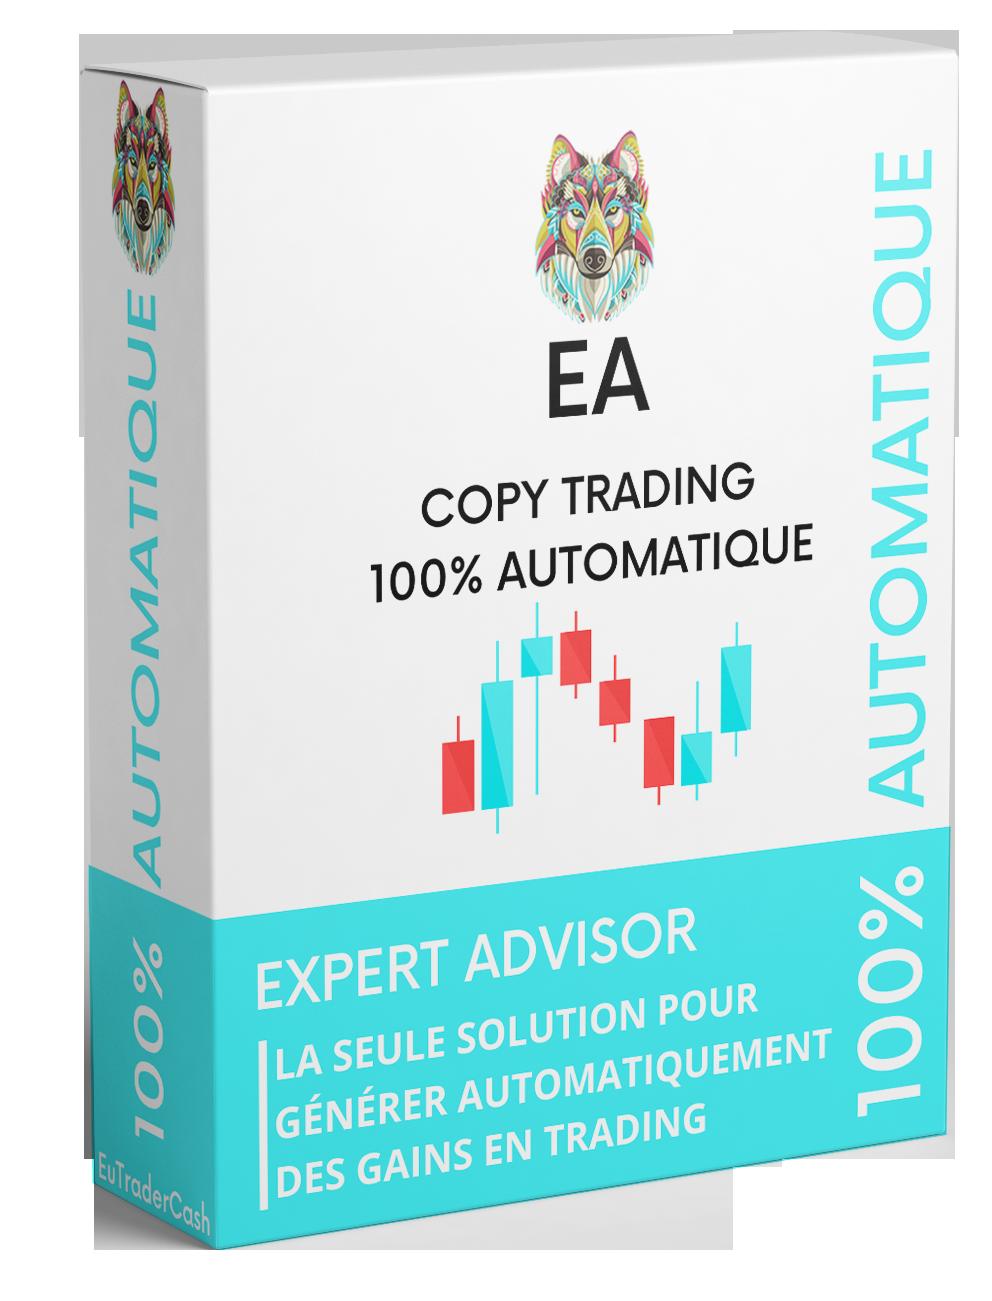 Copy Trading EuTraderCash